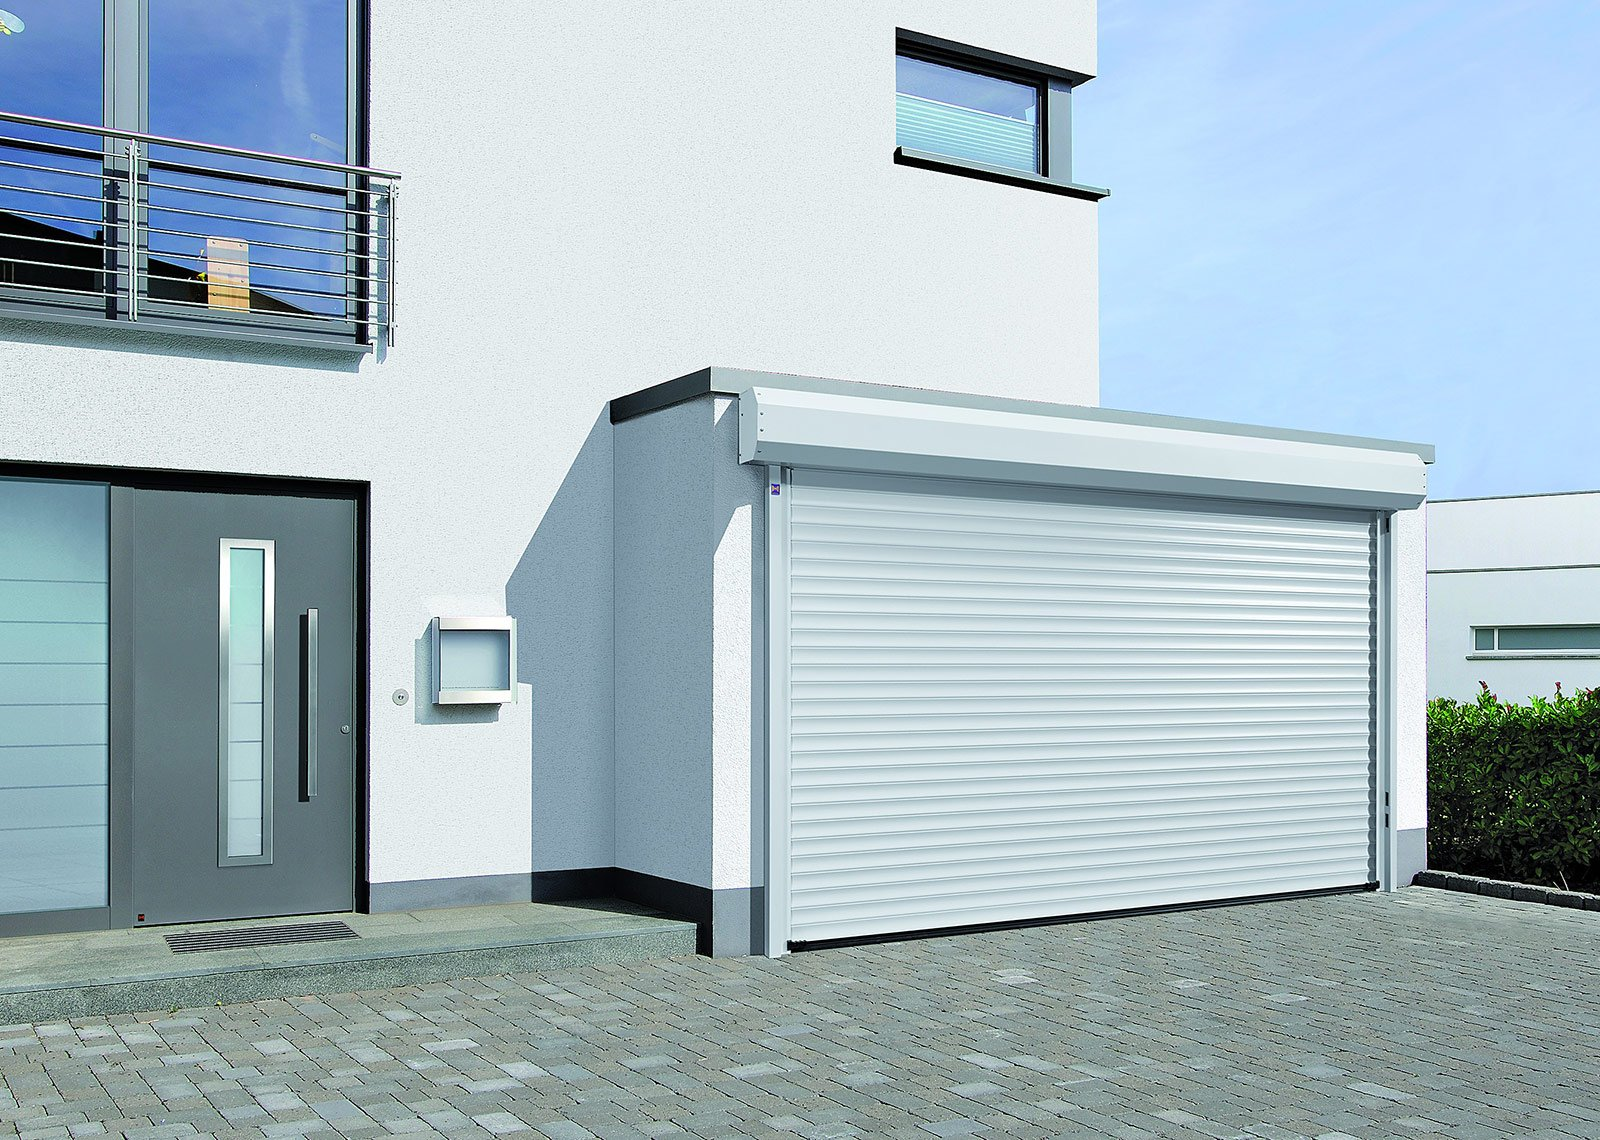 Serrande avvolgibili per il garage cose di casa for Idee di aggiunta di garage